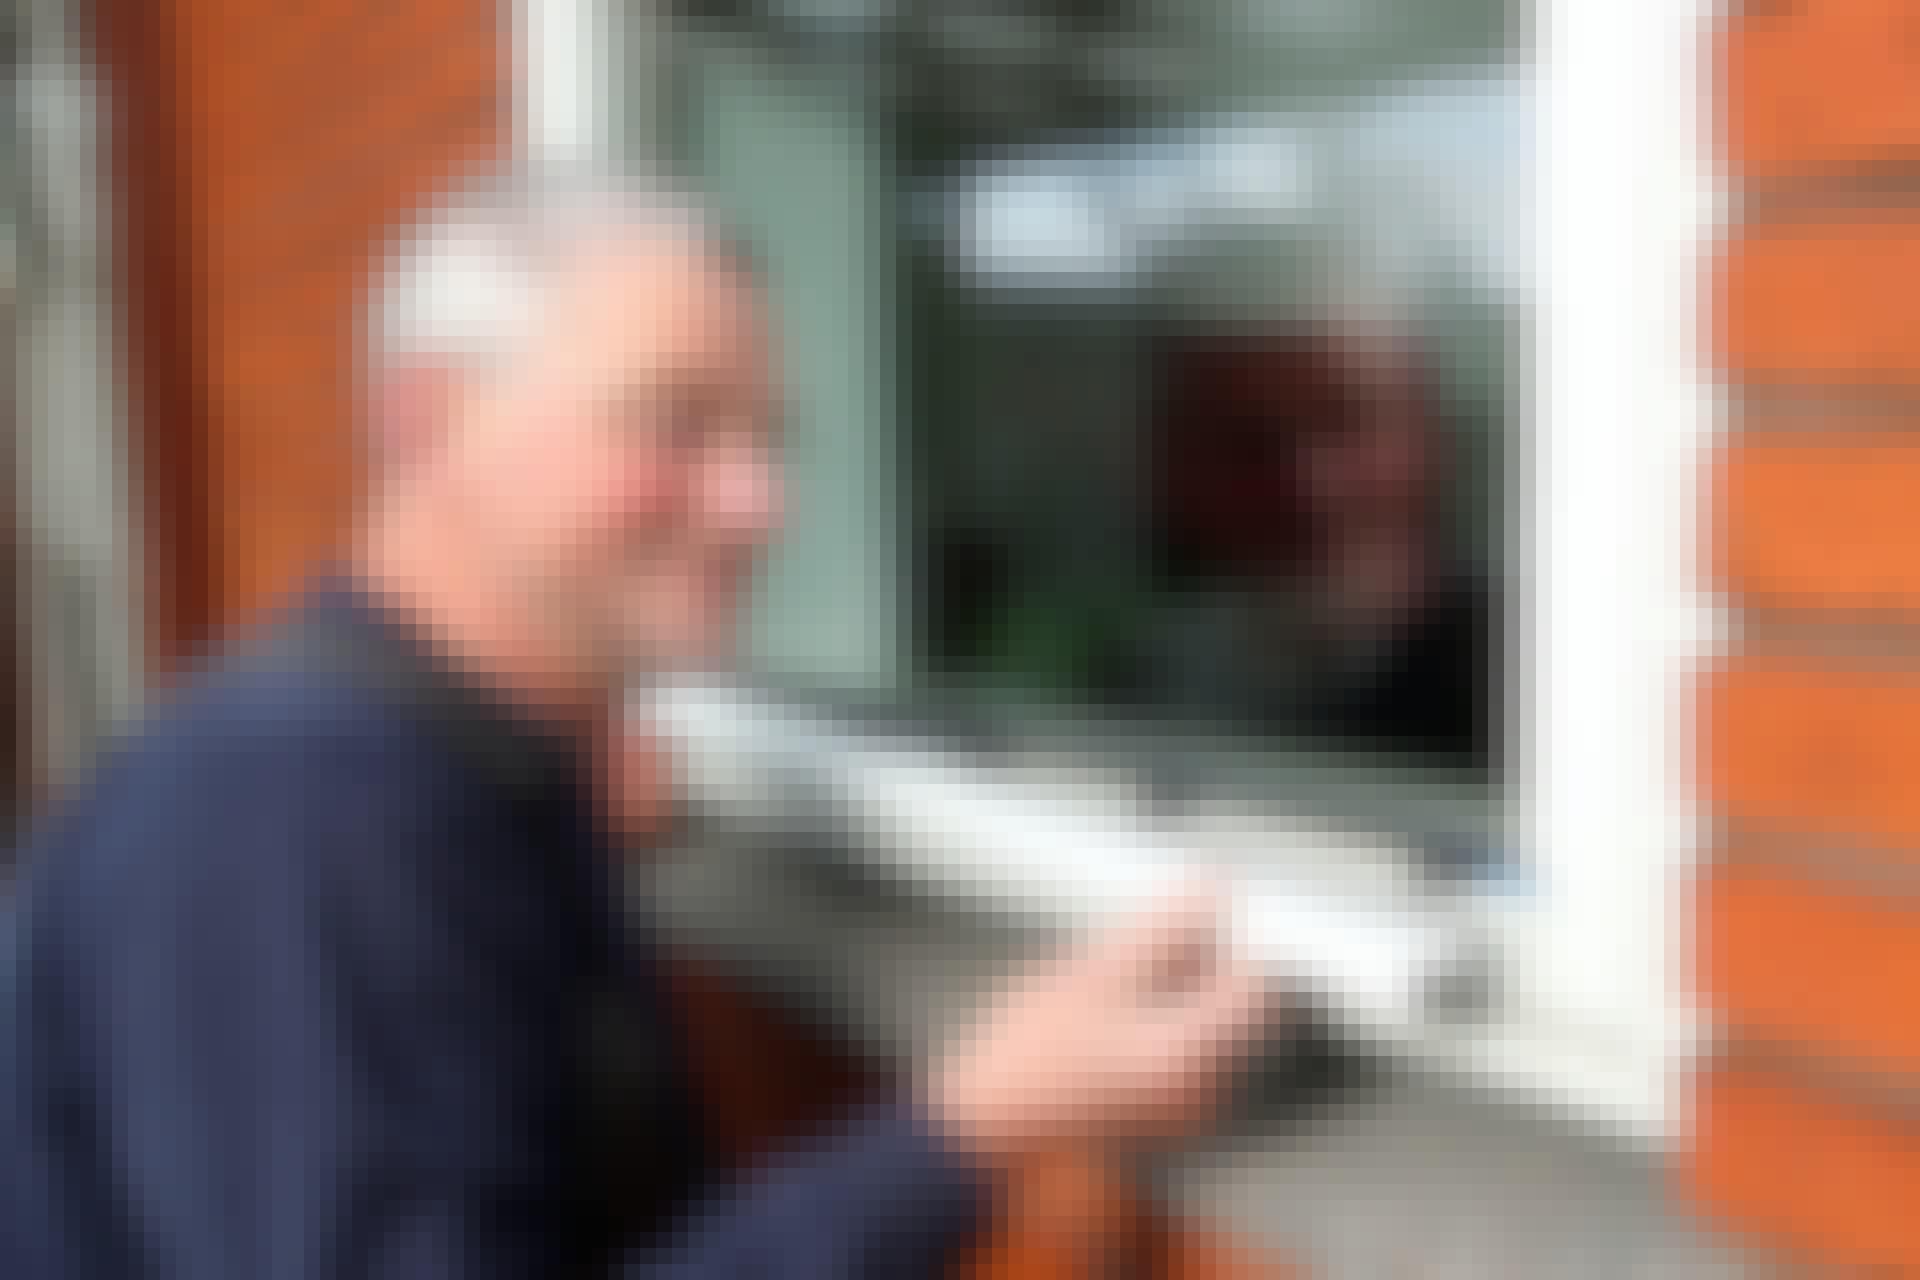 Råtne vinduer: Bunnglasslist